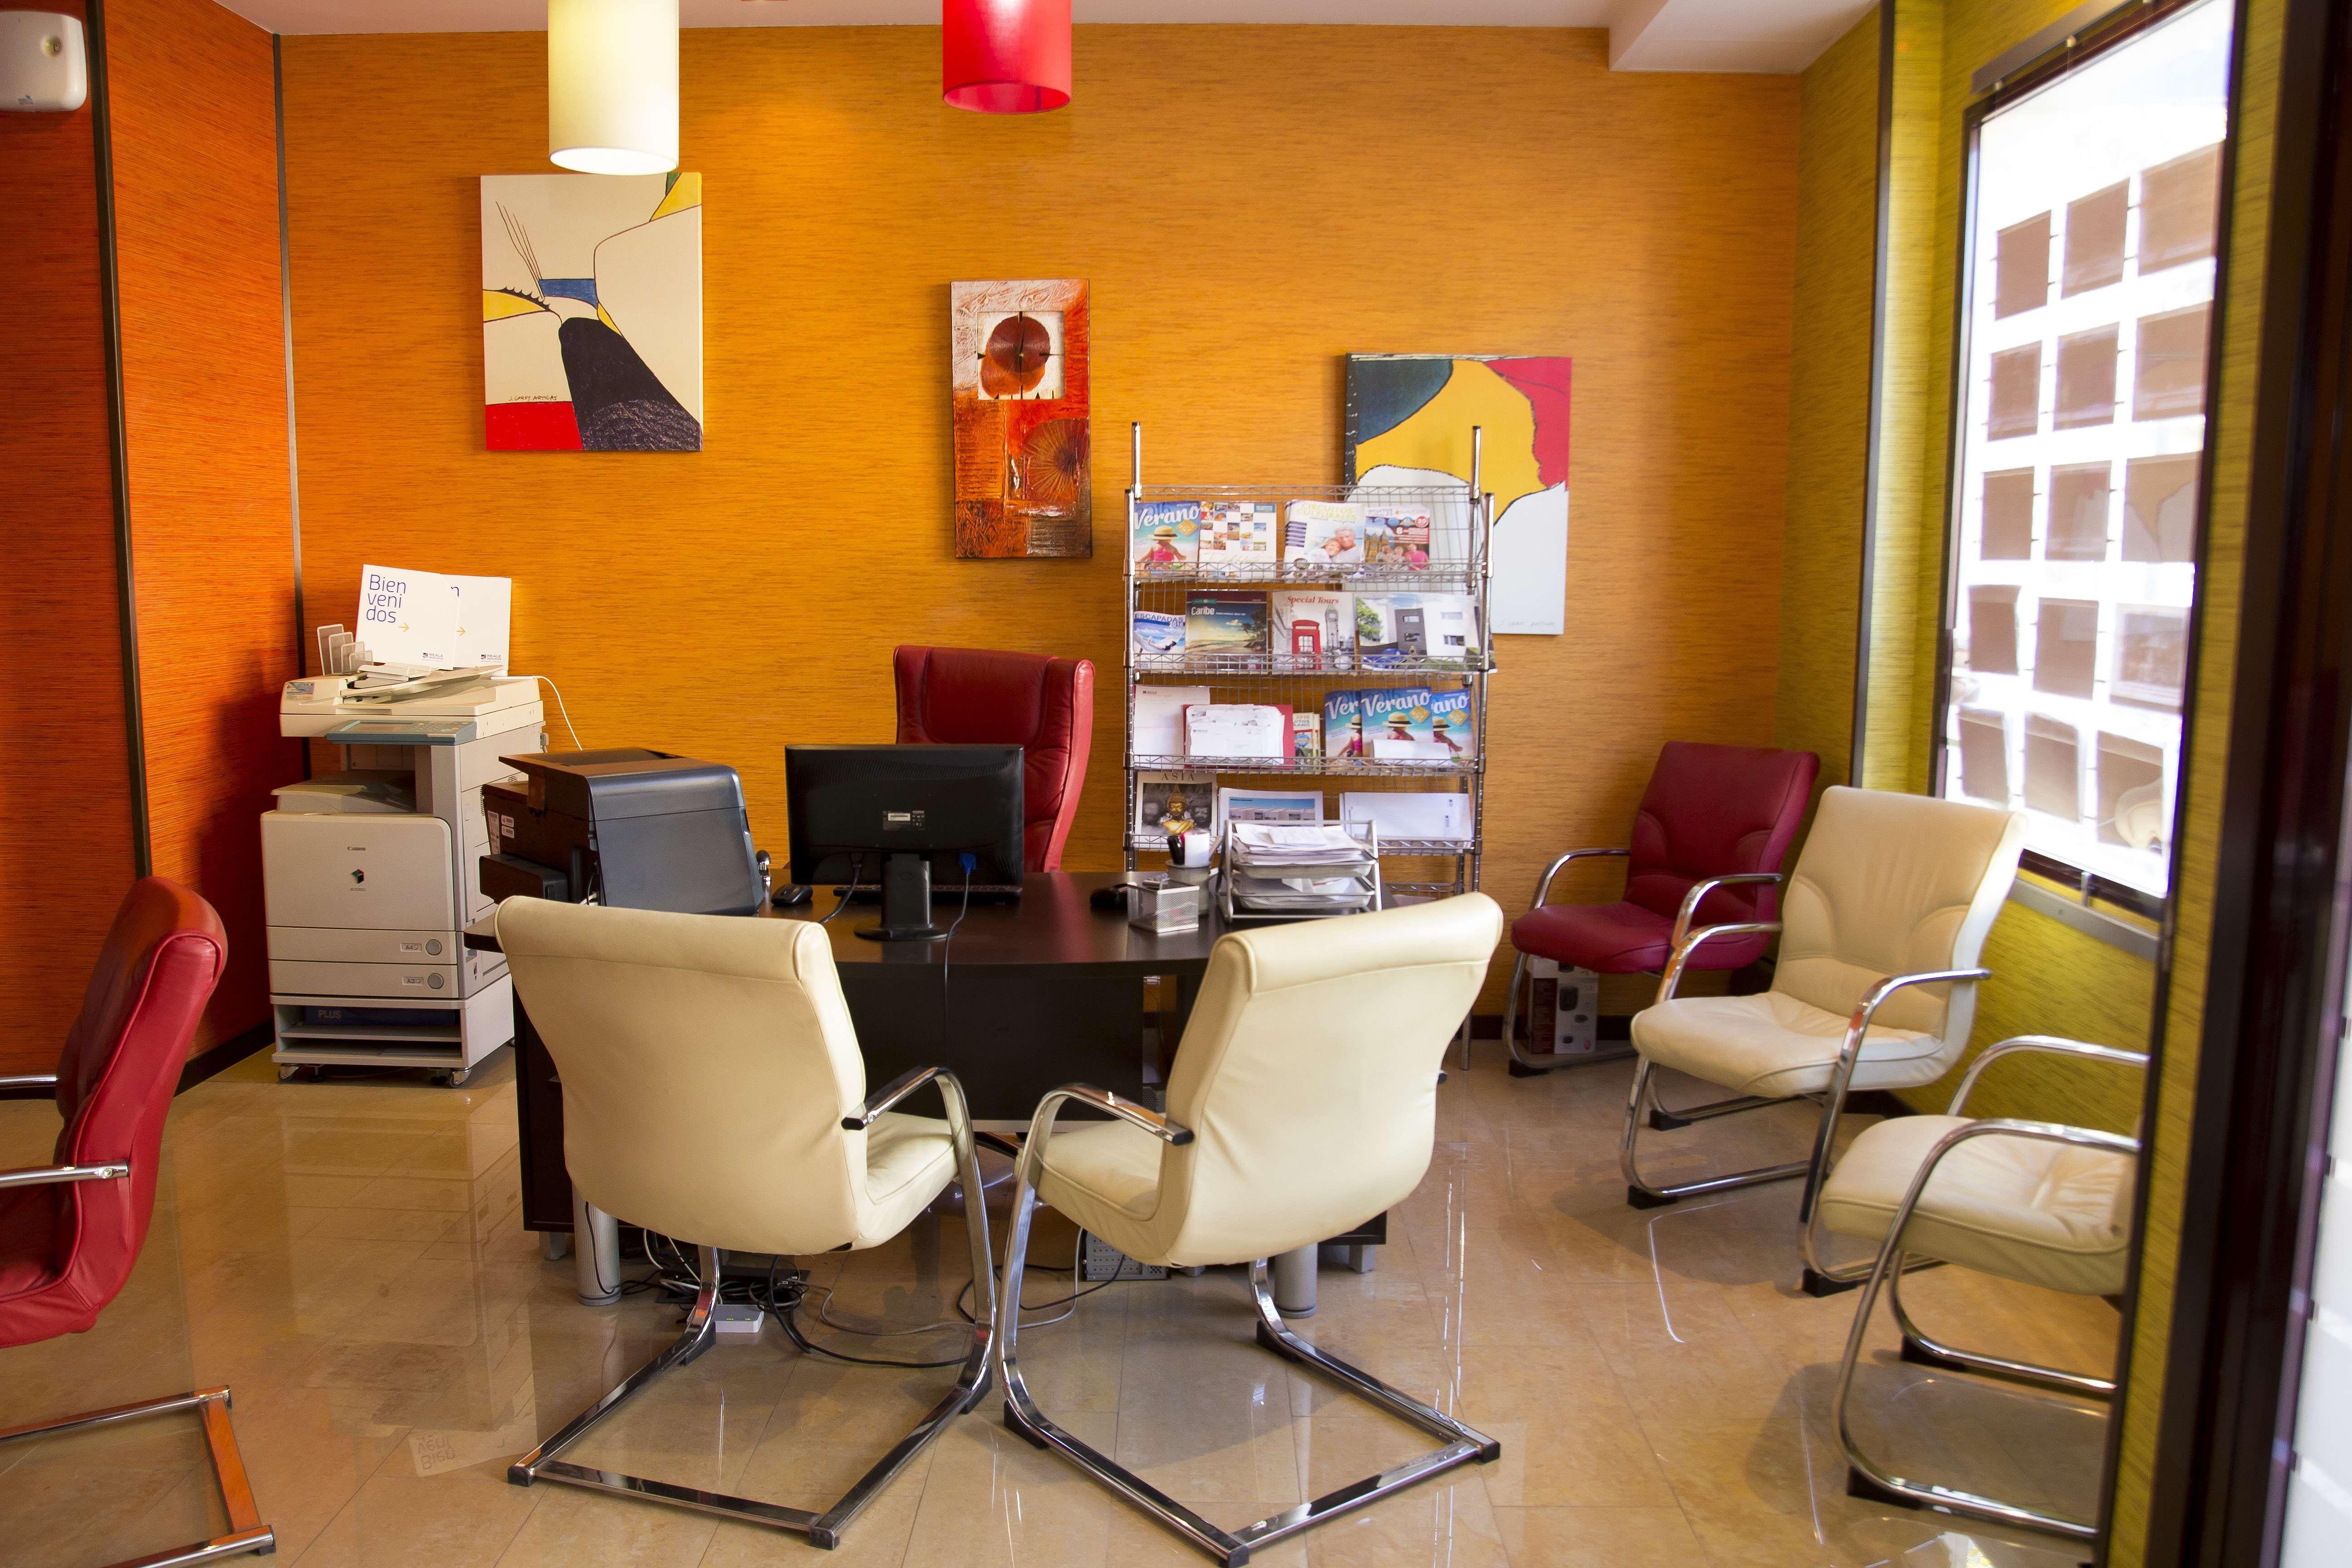 Alquiler y venta de inmuebles en Herencia (Ciudad Real)